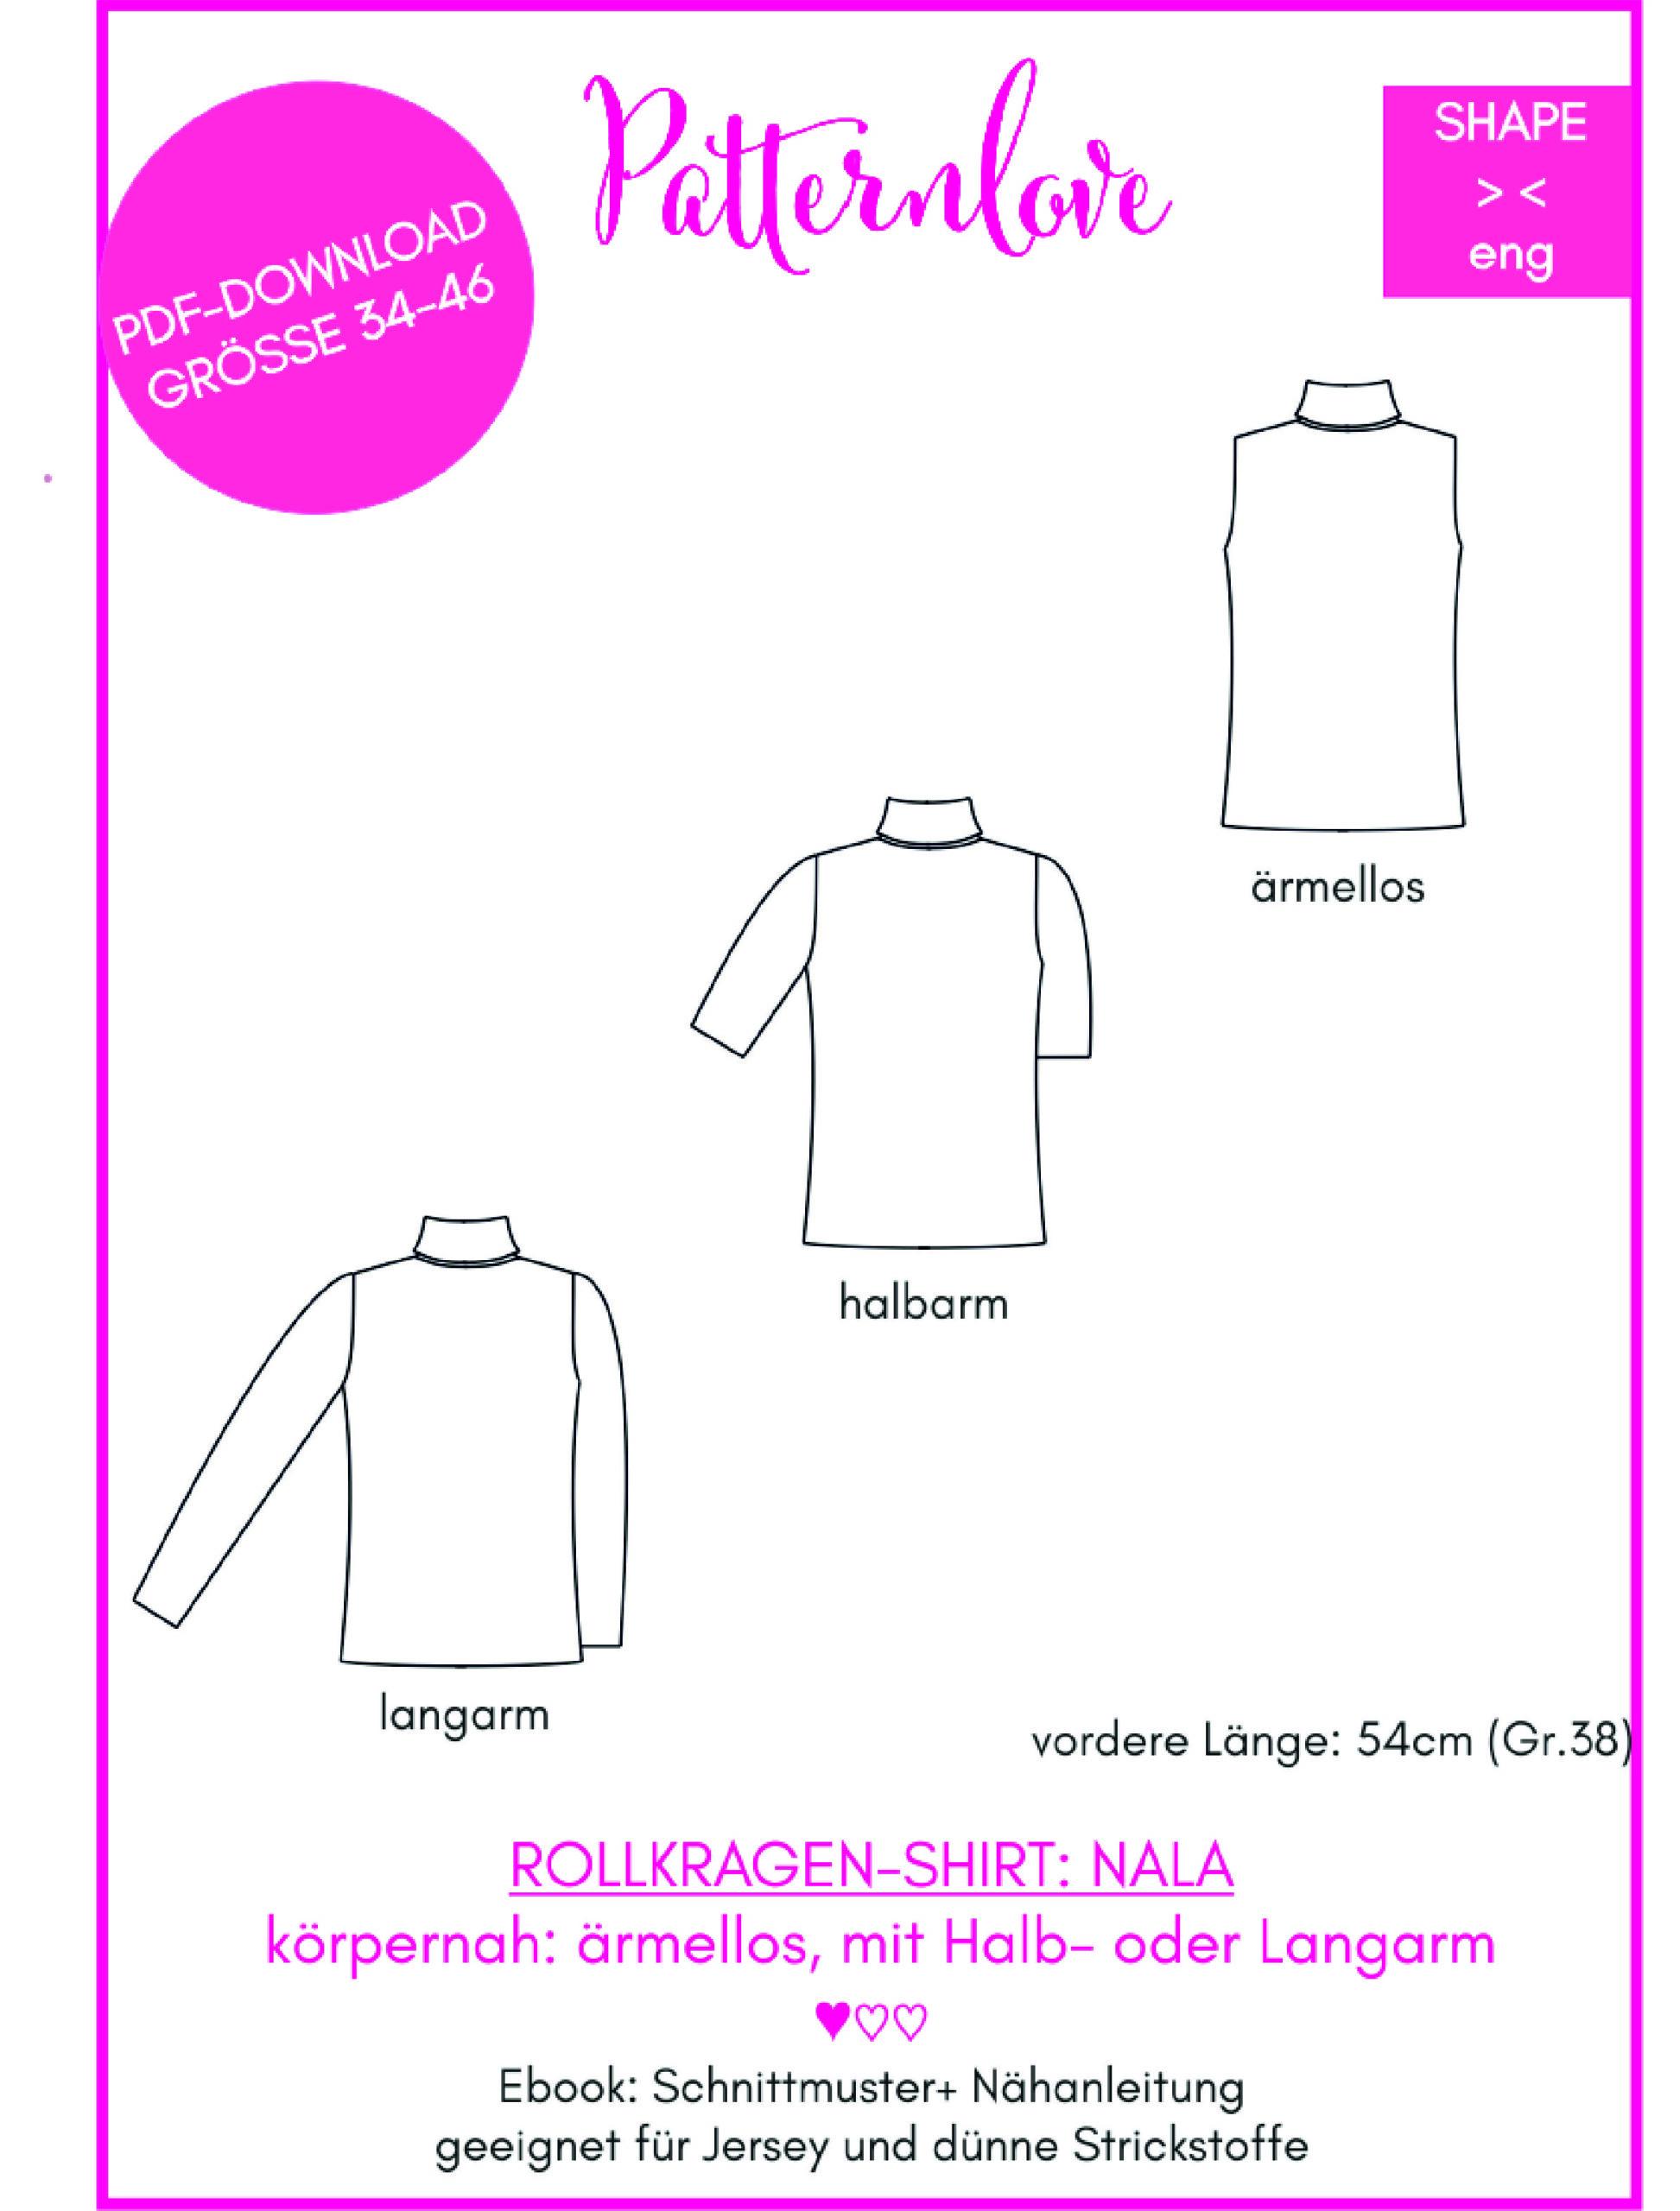 Nähkurs Rollkragen-Shirt Ayse Westdickenberg